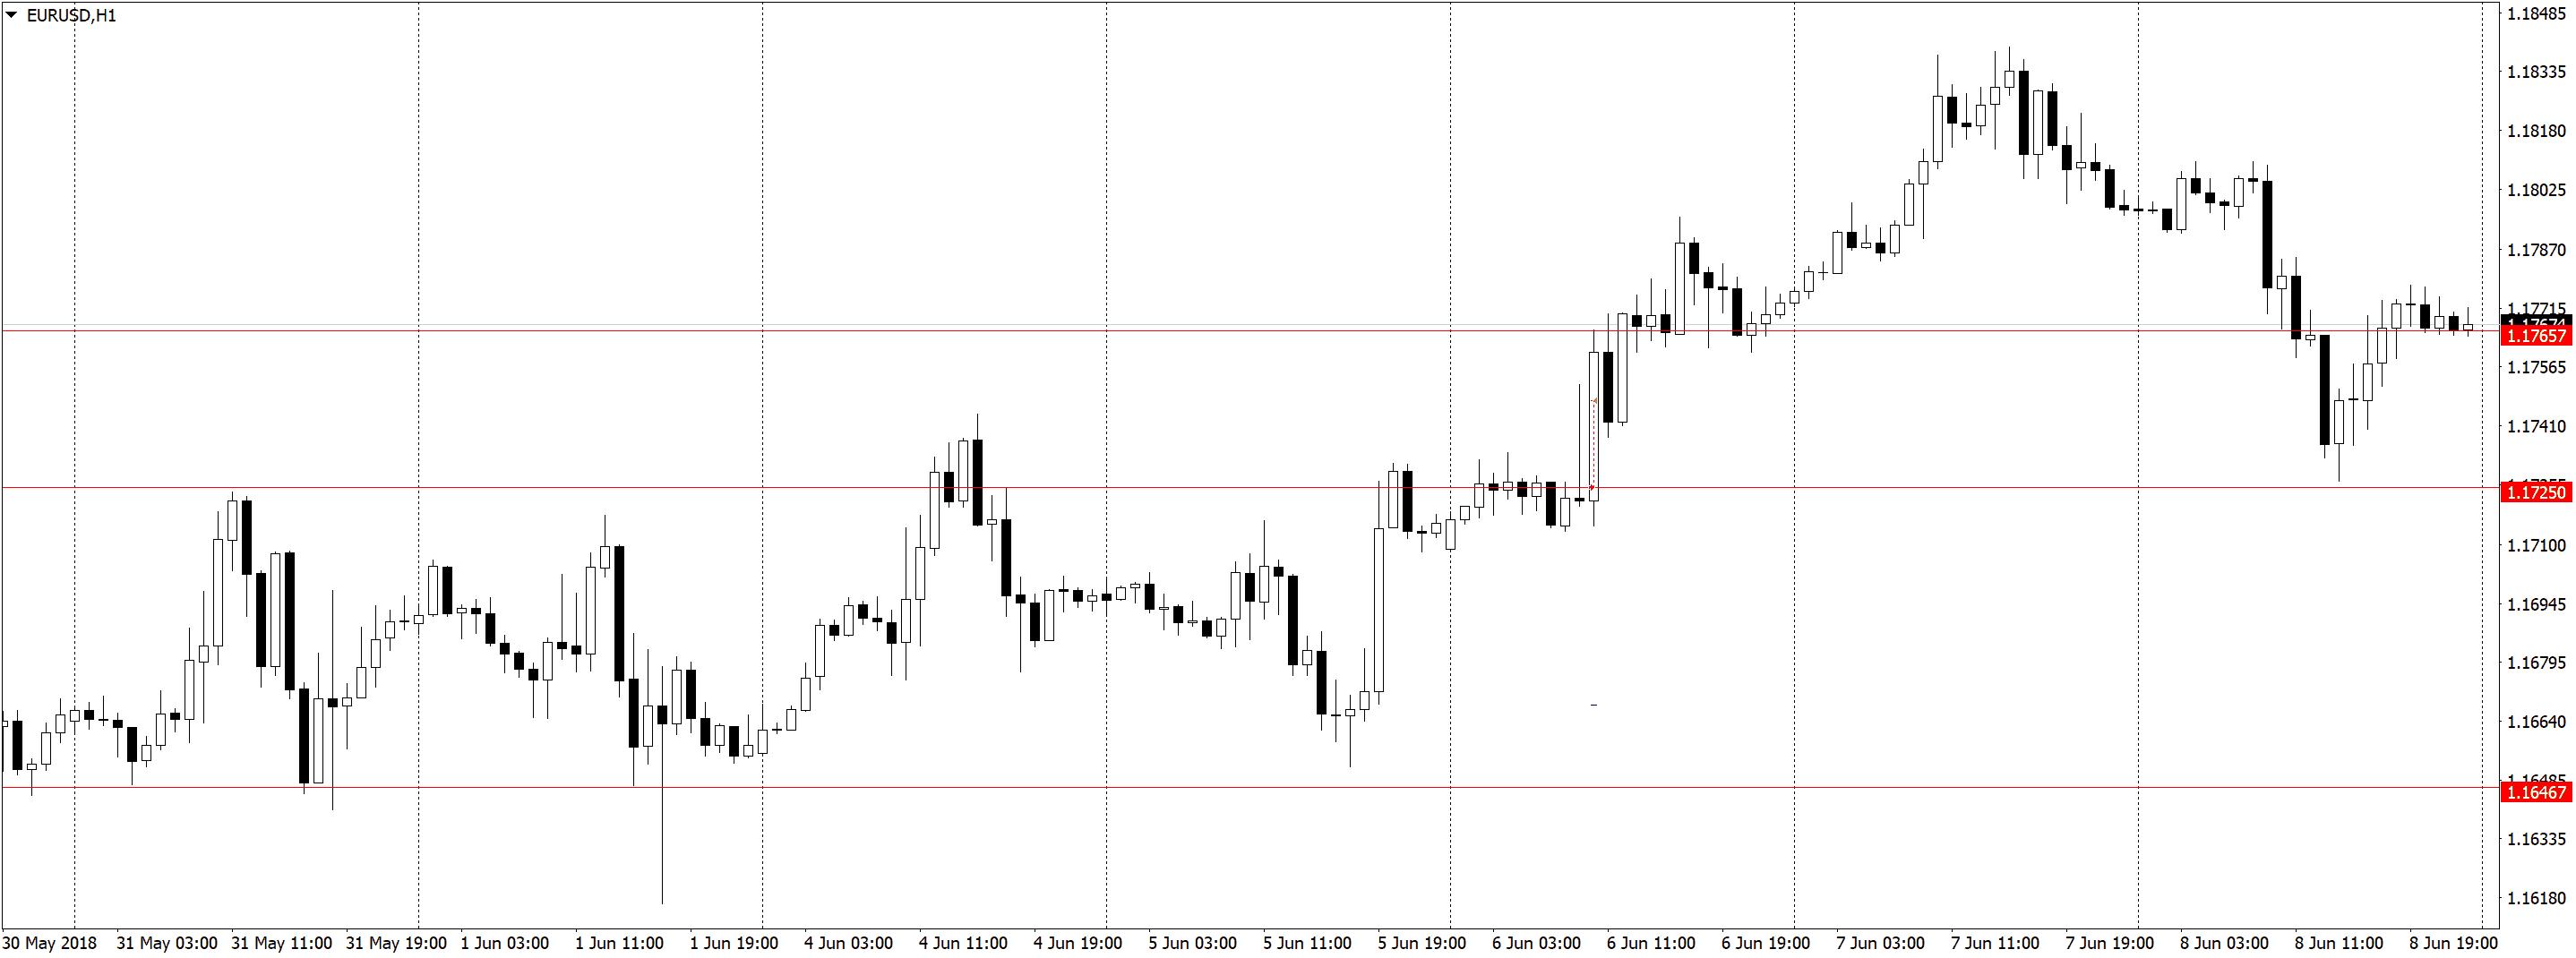 EURUSDH1 2 1 Торговля по H1, трейдинг в удовольствие, три состояния рынка